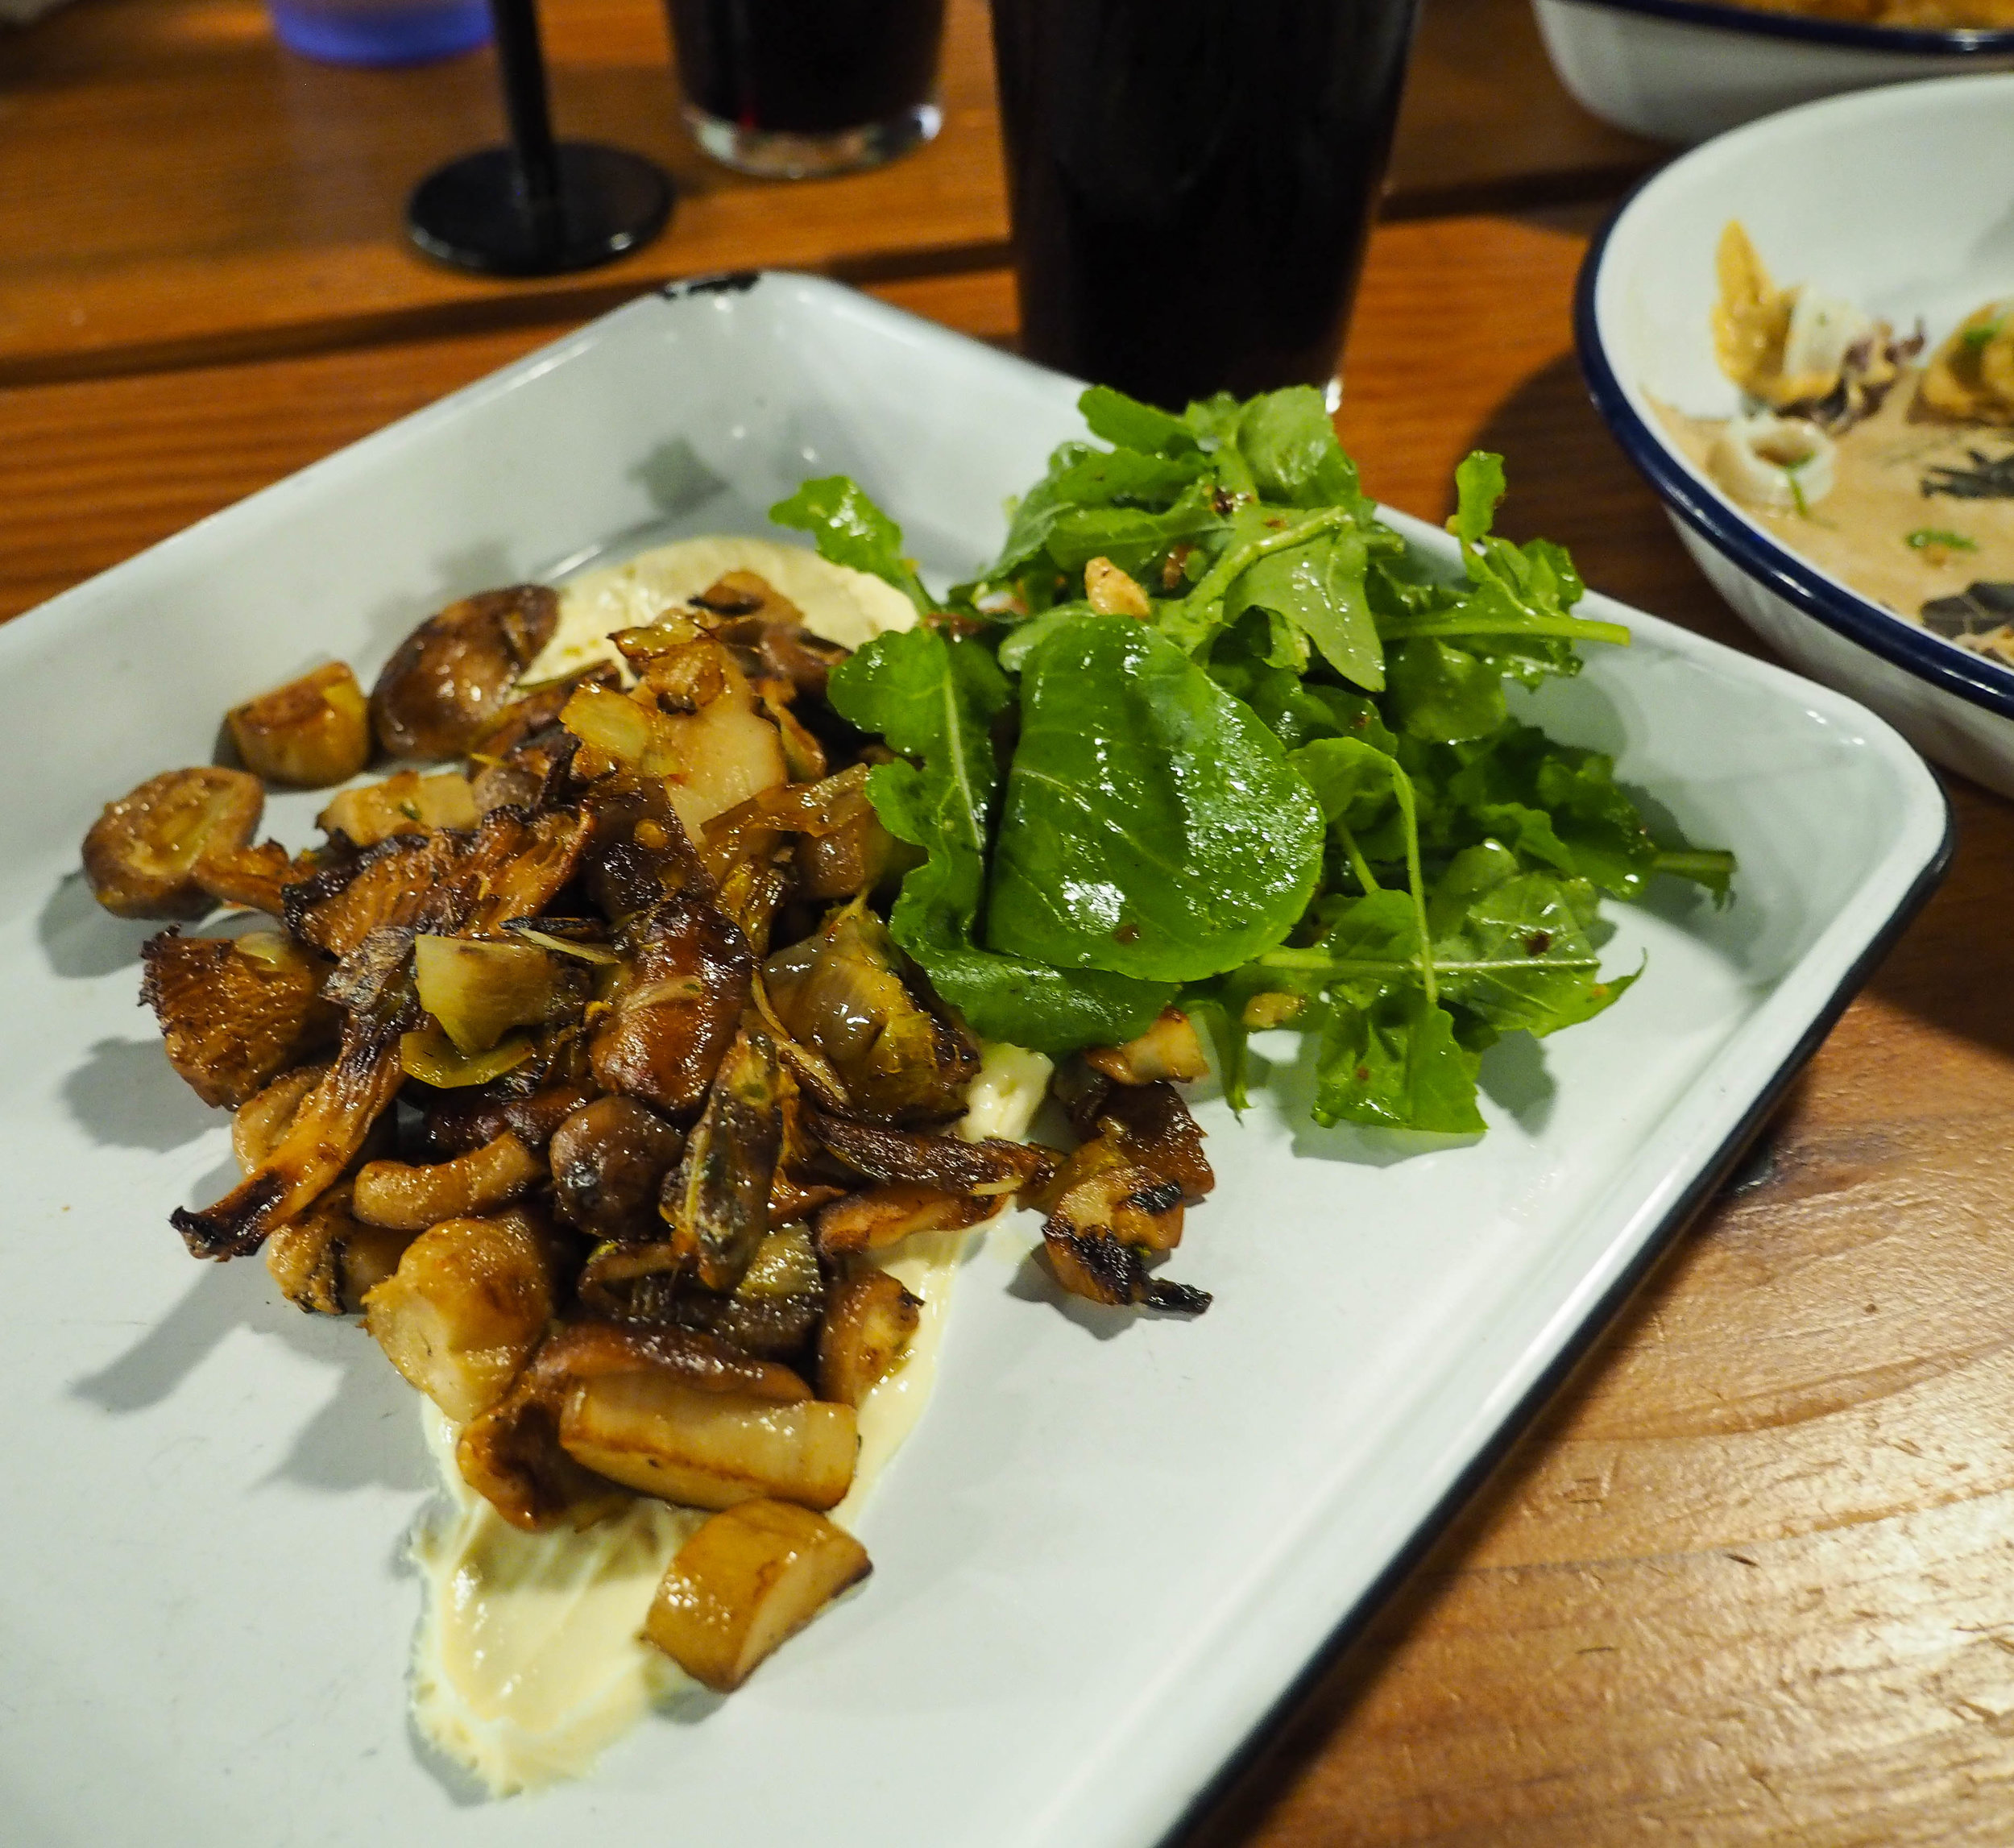 我最喜欢的蘑菇是蘑菇。蘑菇是我的食物。,